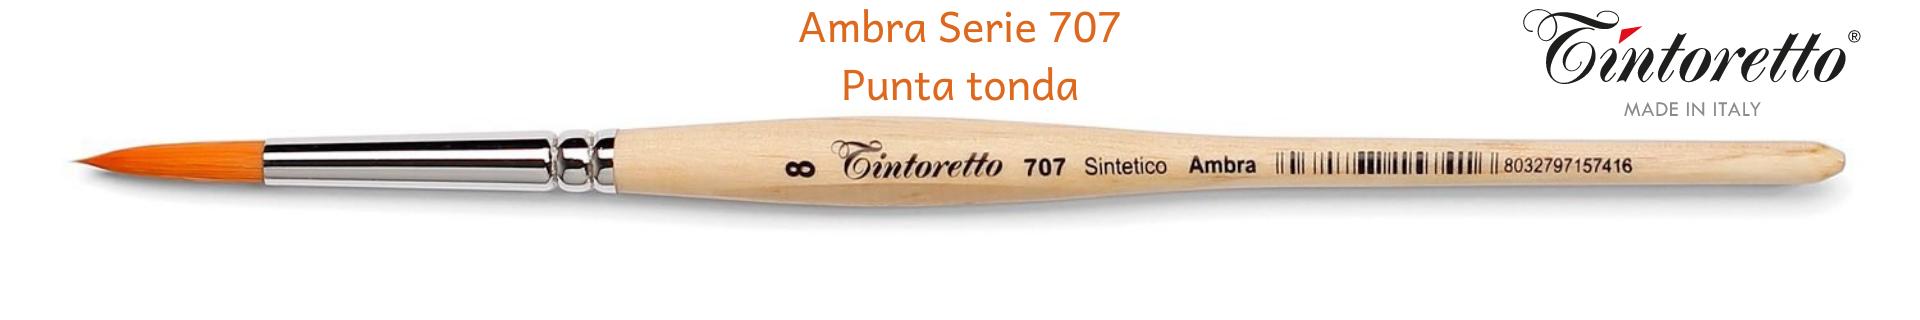 Tintoretto Ambra 707